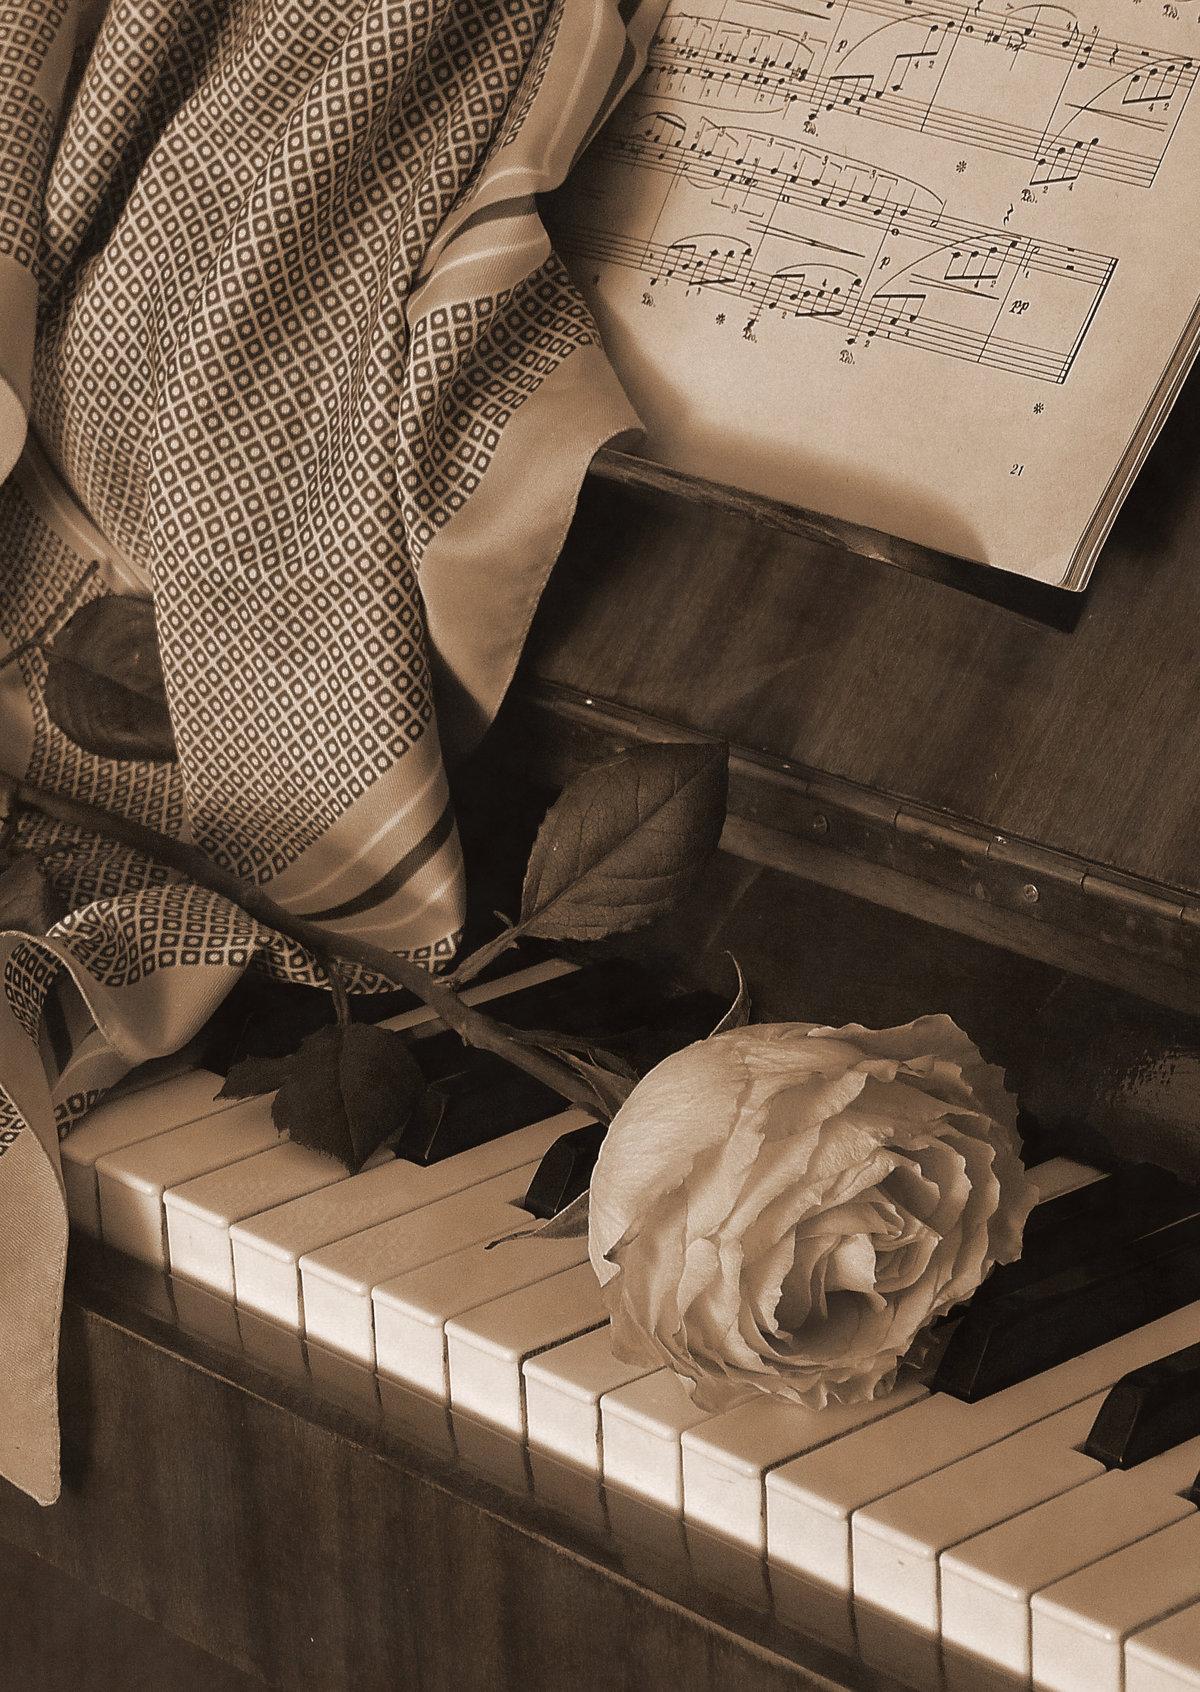 случай, красивые картинки фортепиано ноты видео обучение лучше